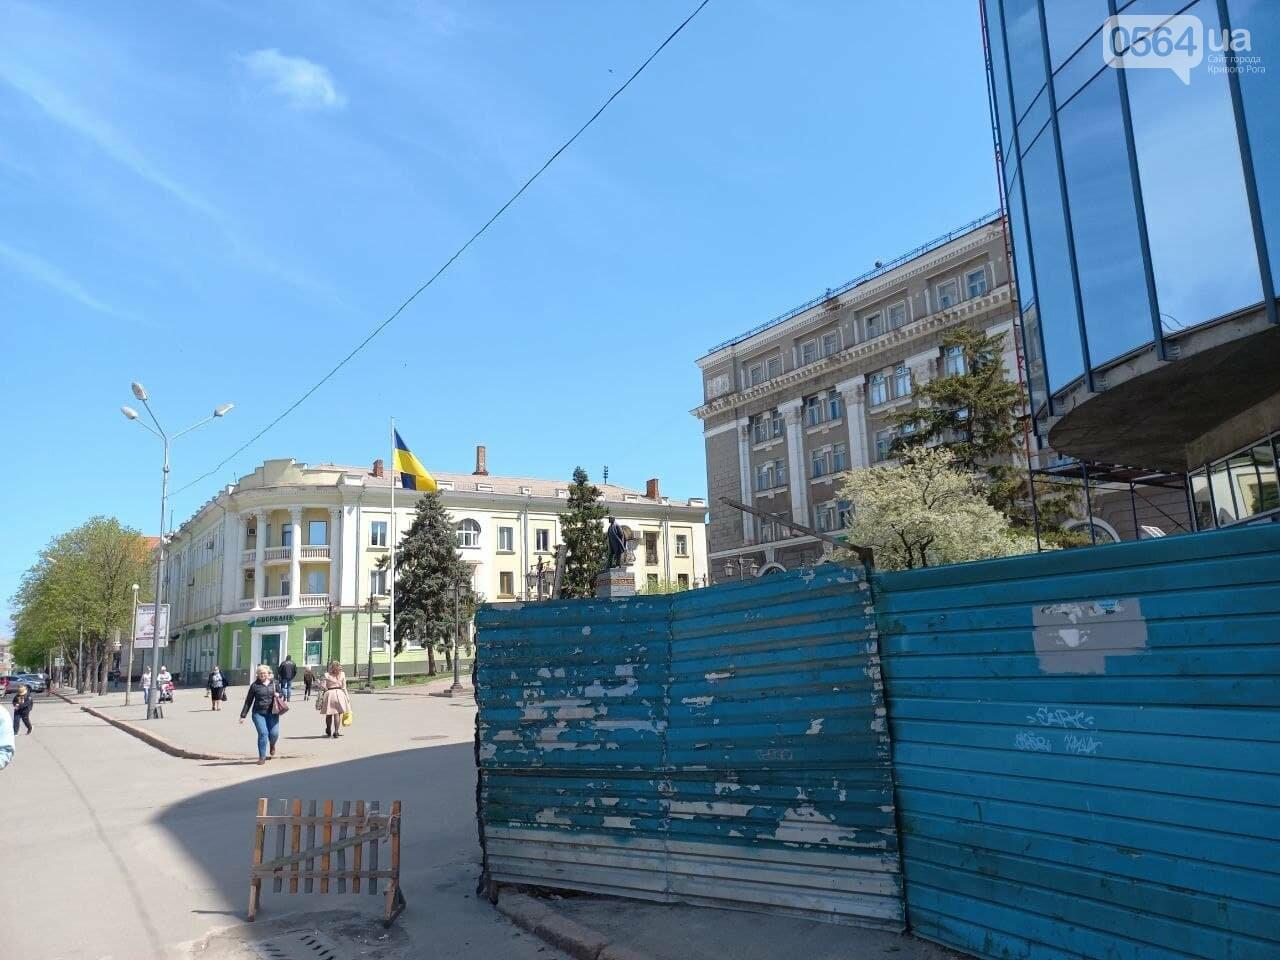 """Новый """"гранд-отель""""  в Кривом Роге попытались гармонизировать с пространством исторического проспекта, - ФОТО, фото-10"""